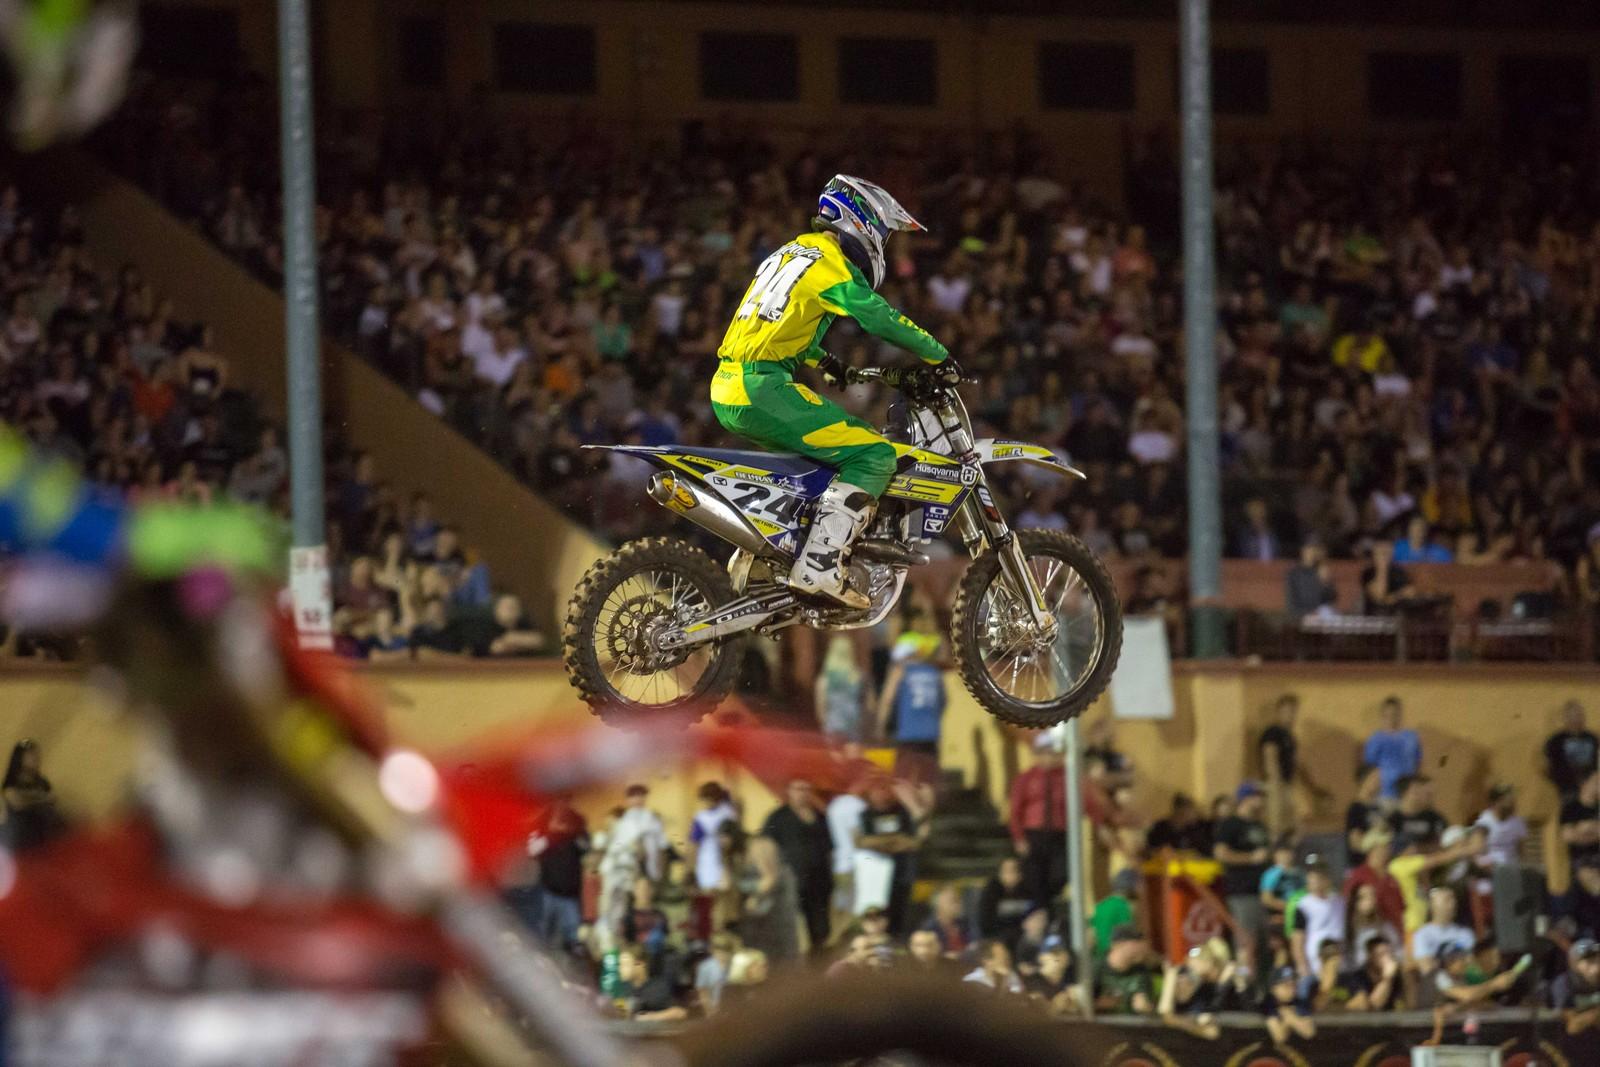 Brett Metcalfe - Photo Blast: Australian Supercross Championship from Adelaide - Motocross Pictures - Vital MX